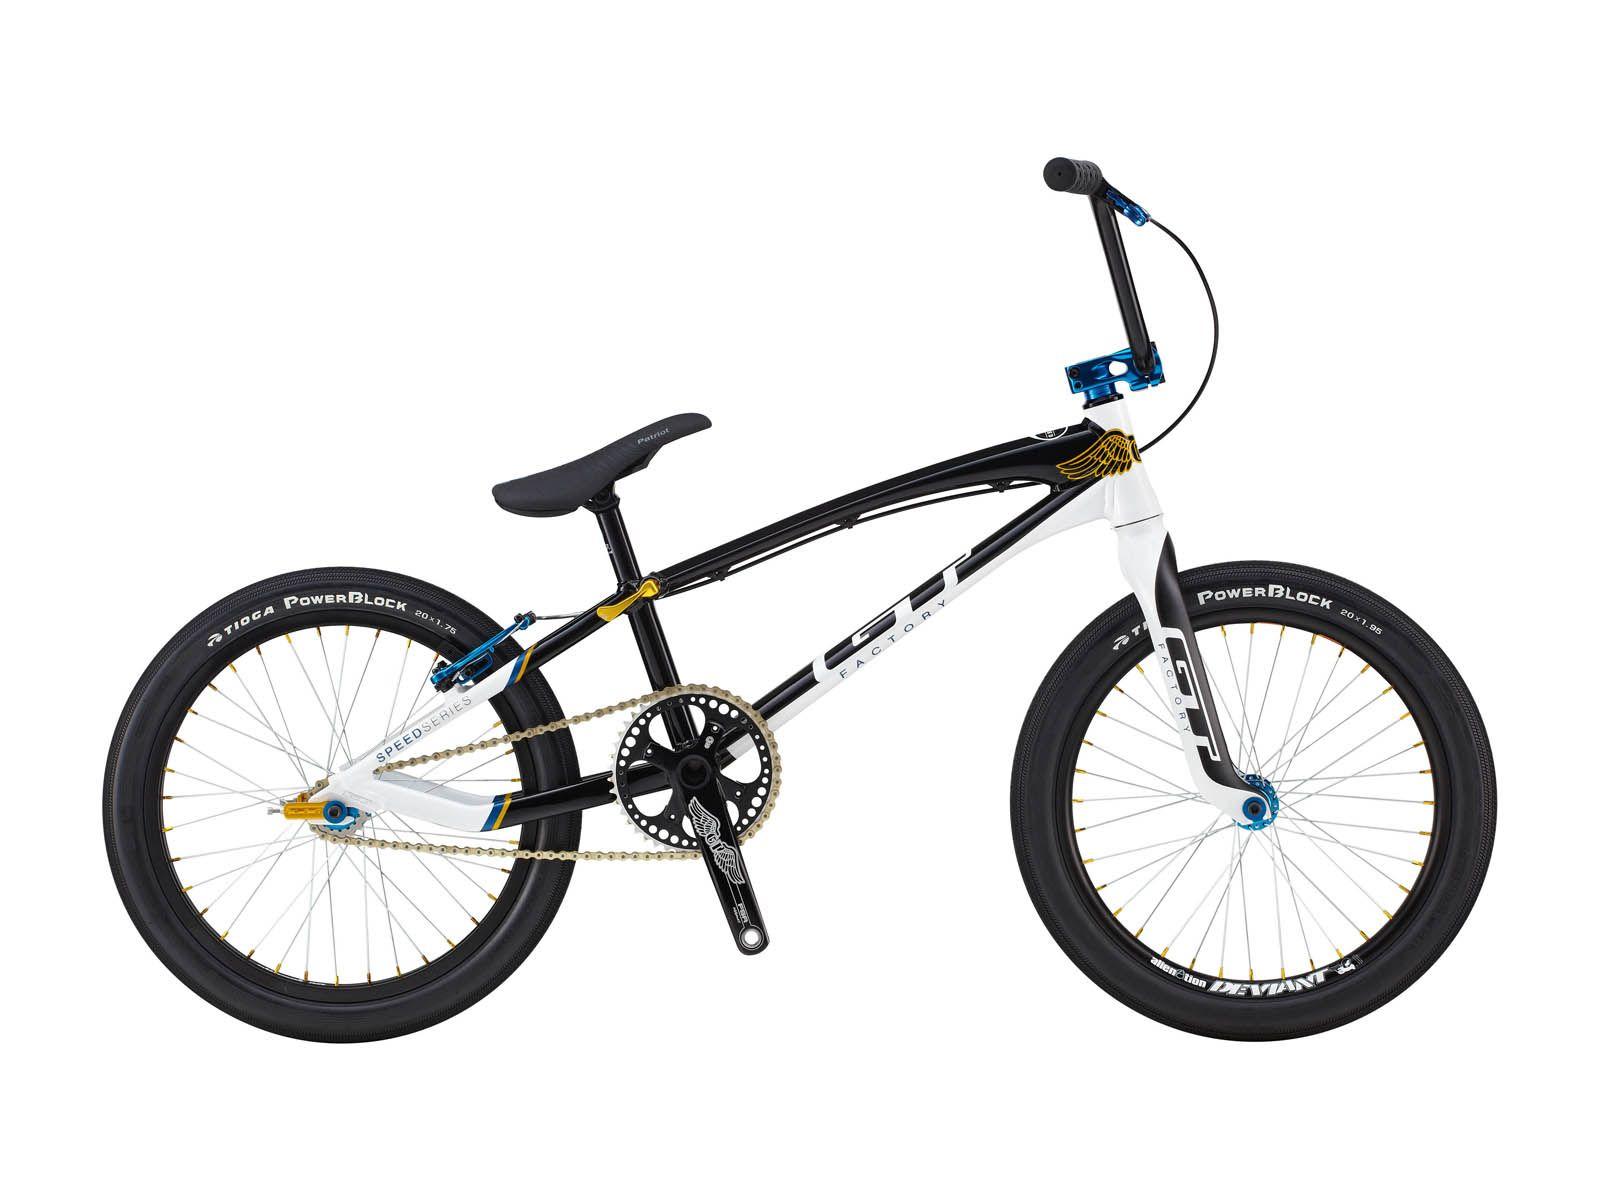 GT Speed Series Pro XL 2014, black/white - BMX Rad | GT bike ...